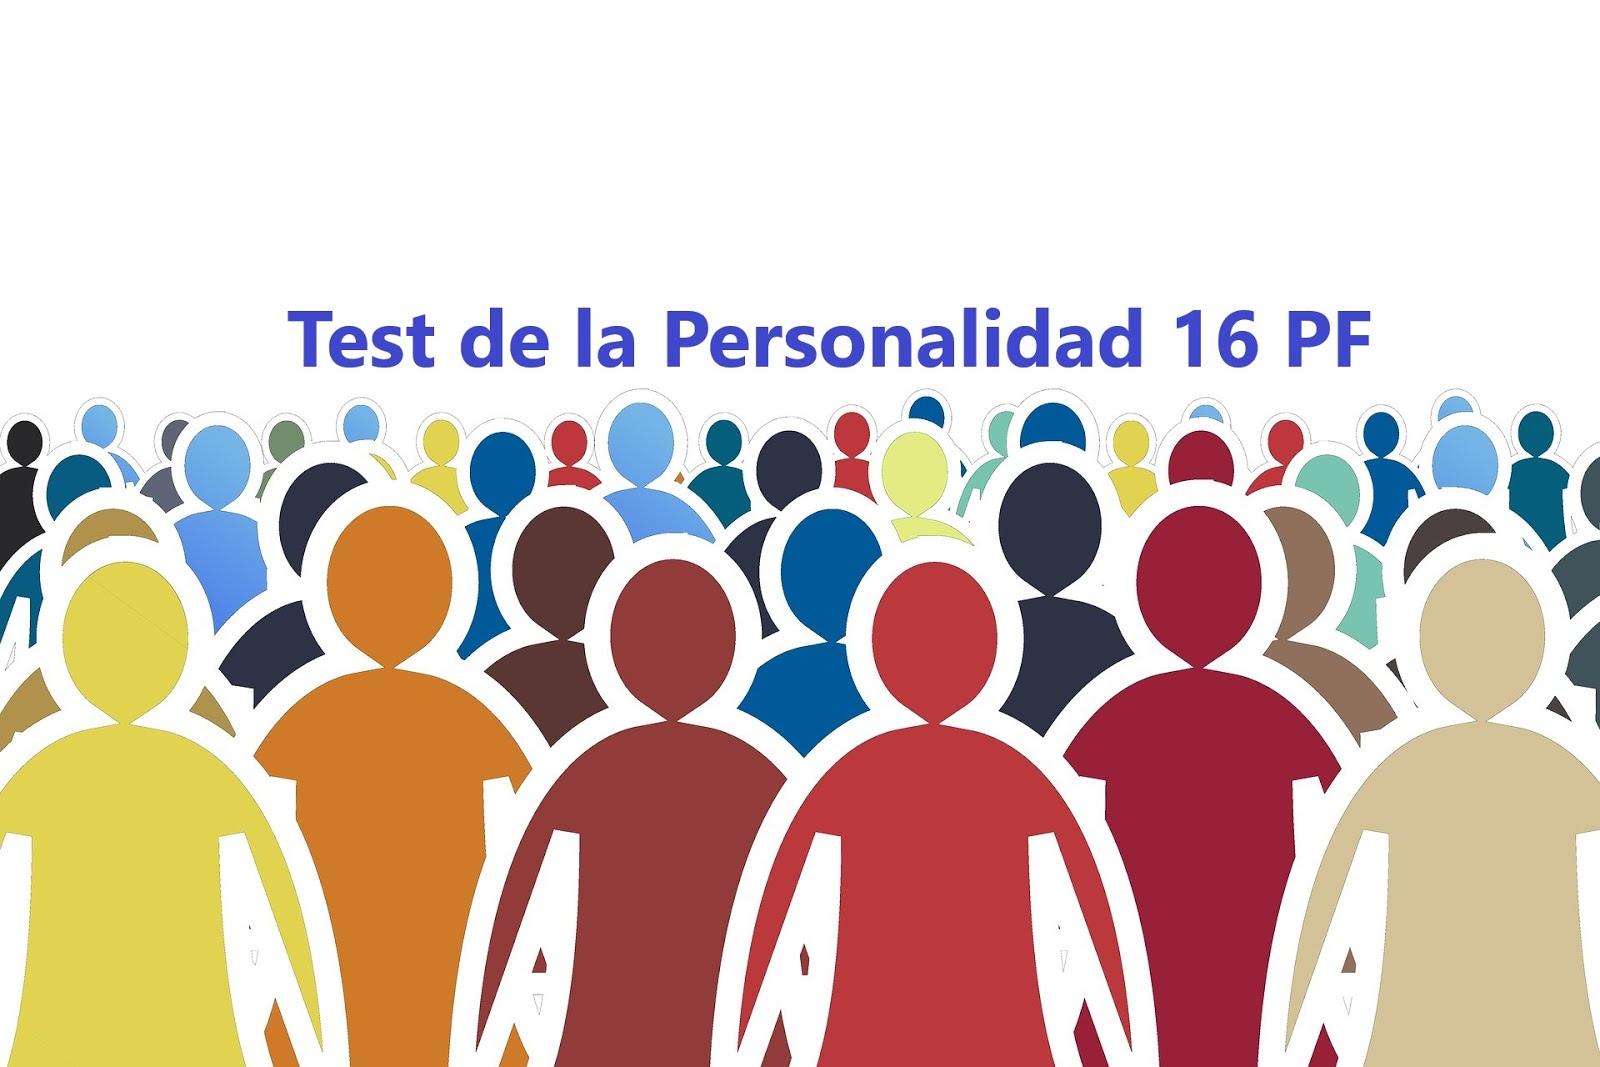 Descargar el Test de la Personalidad 16 PF de Cattel